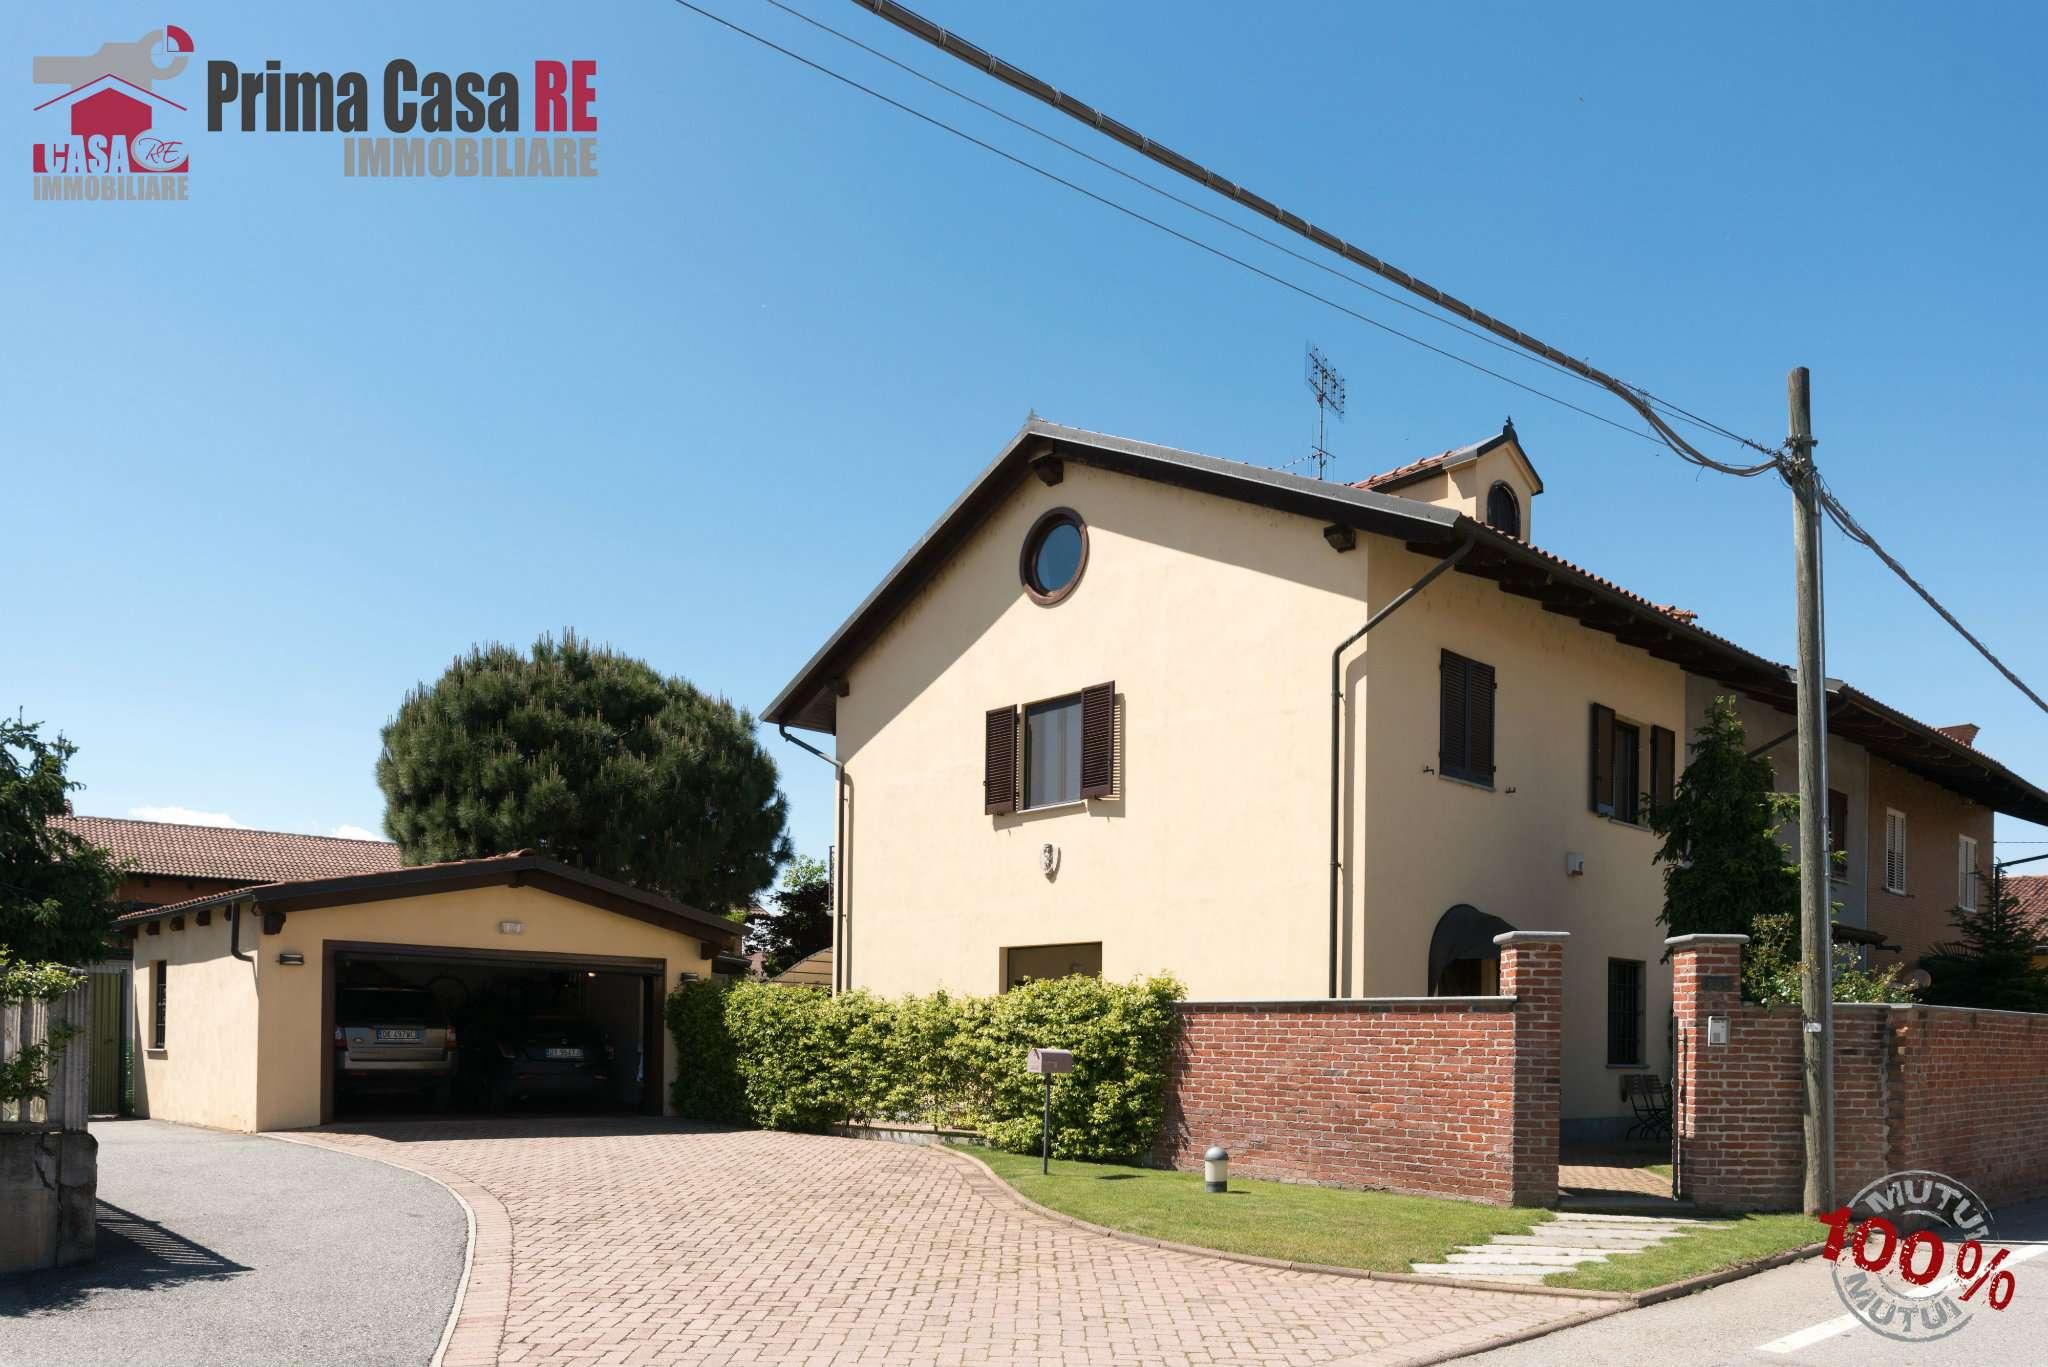 Villa in vendita a Chivasso, 6 locali, prezzo € 249.000 | Cambio Casa.it